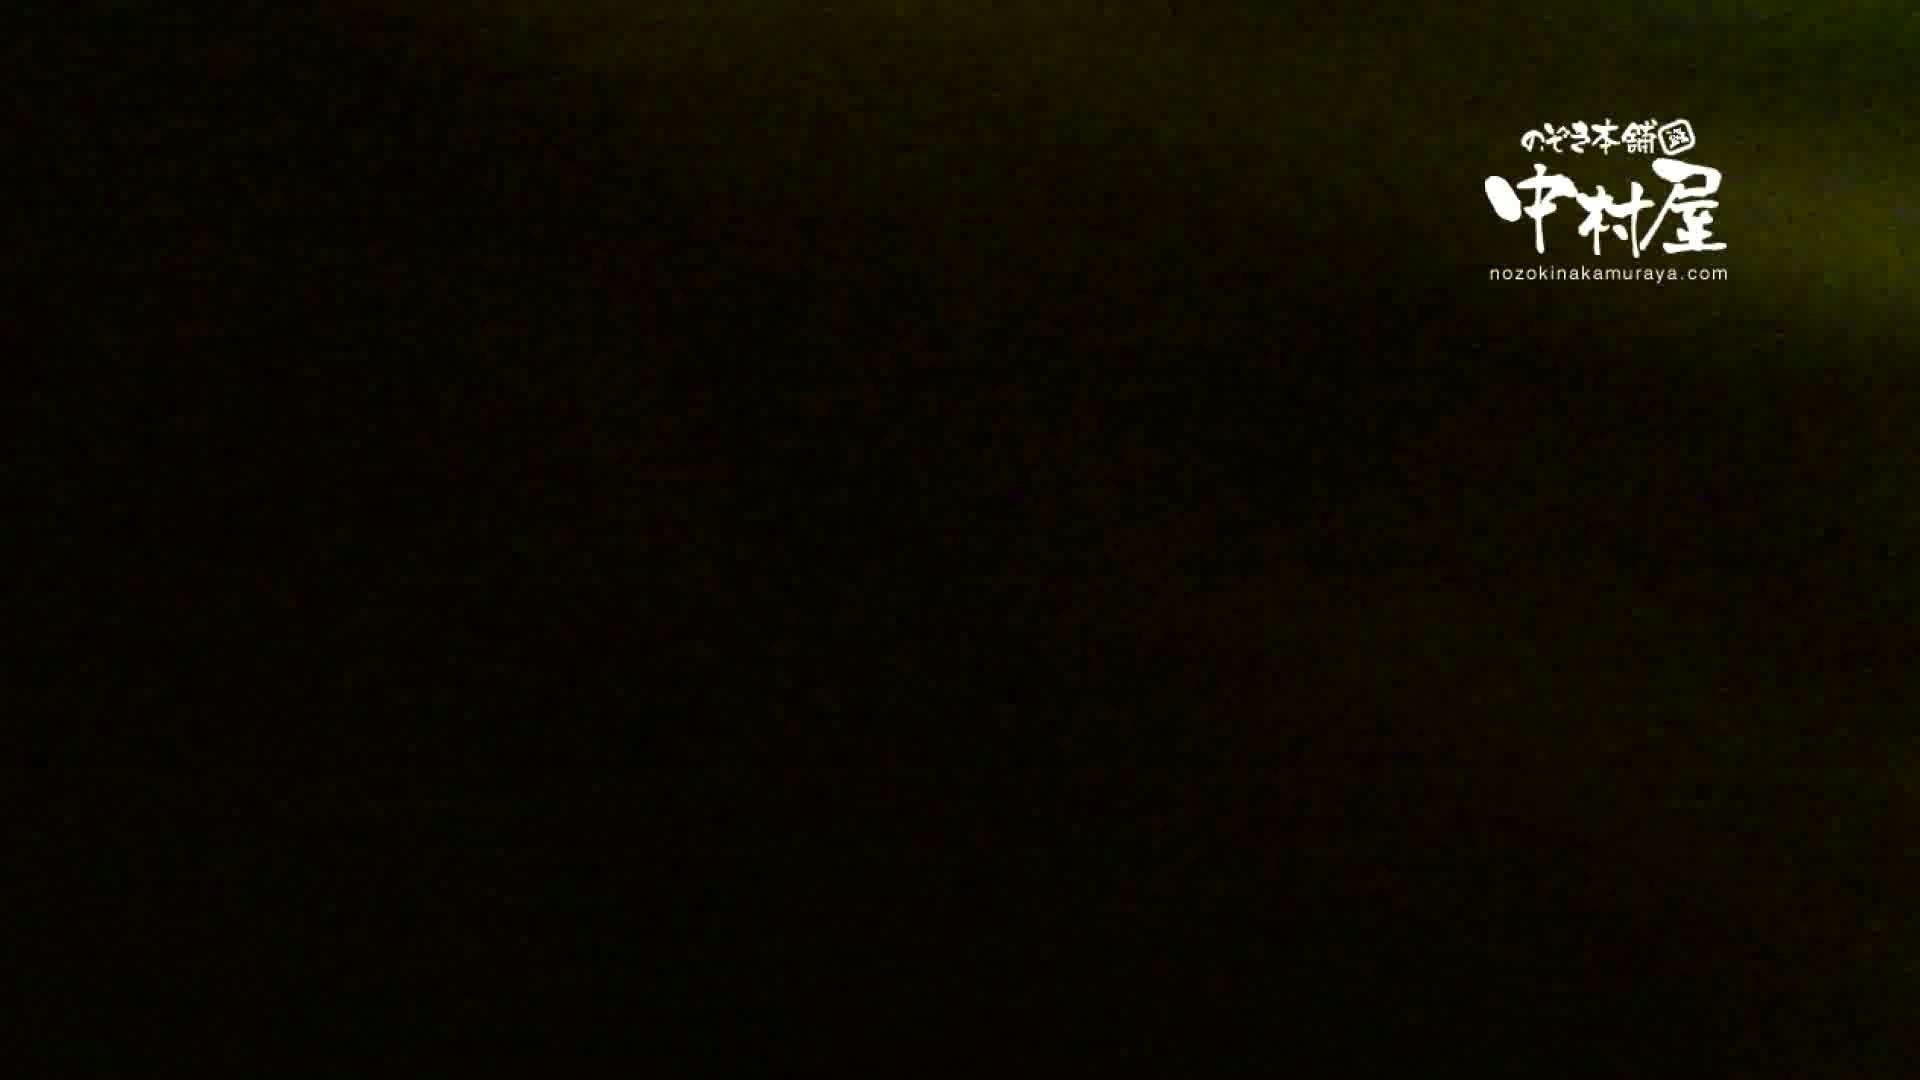 鬼畜 vol.17 中に出さないでください(アニメ声で懇願) 後編 鬼畜  24pic 2